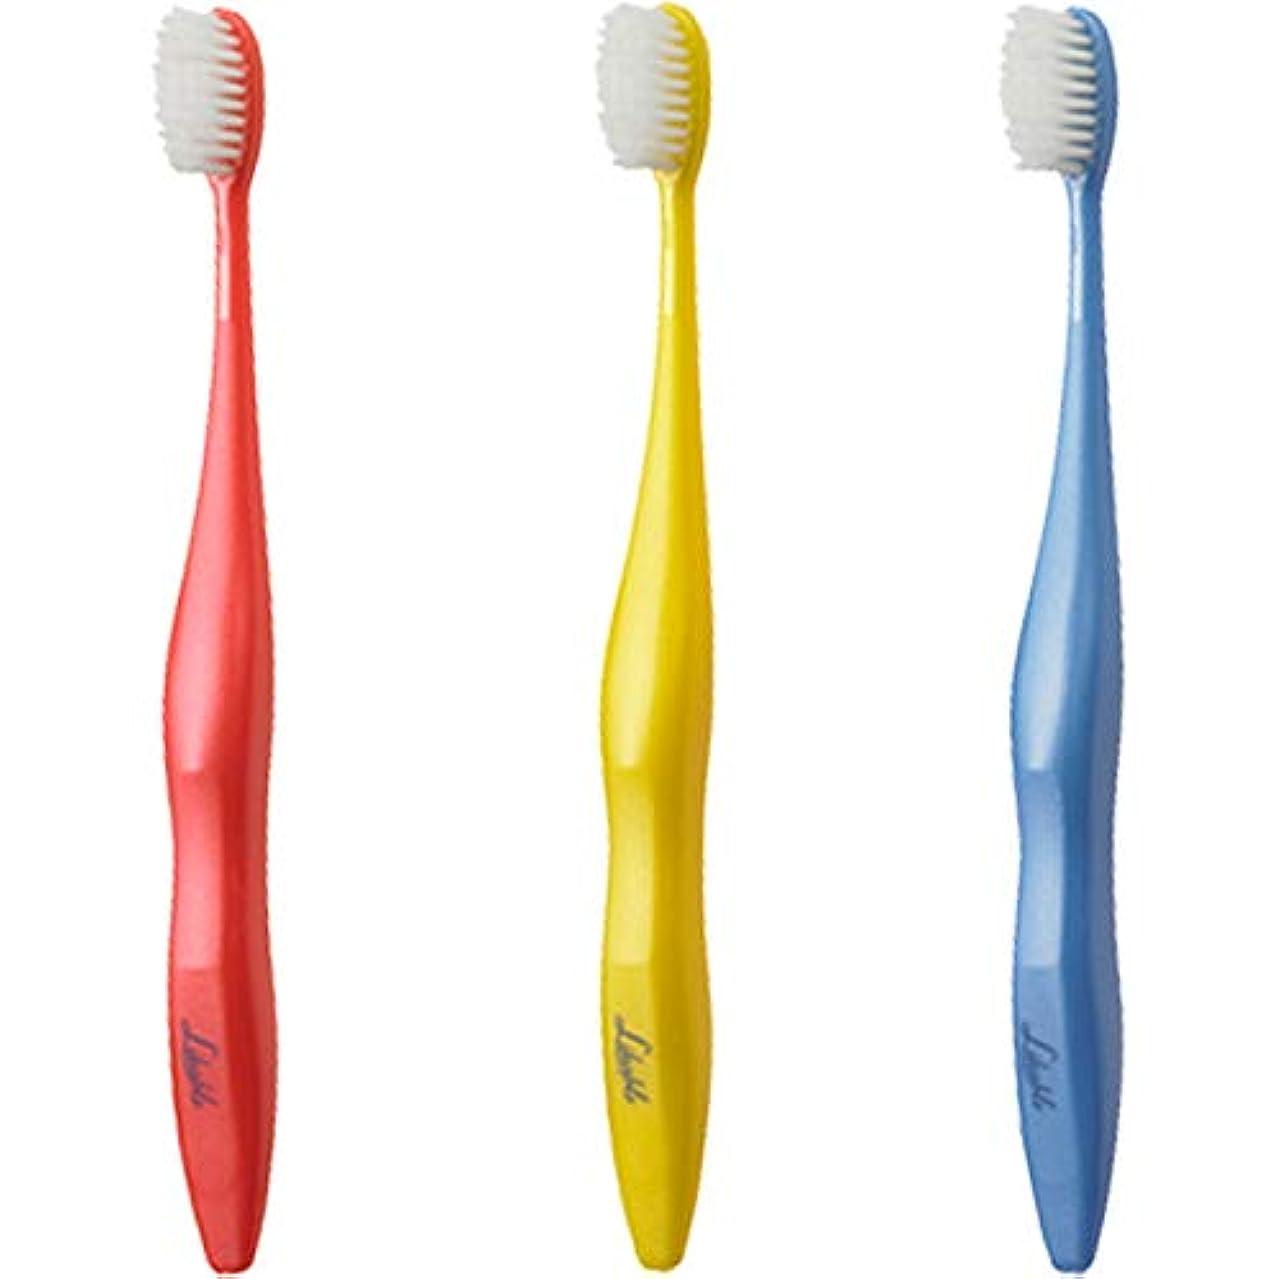 森機知に富んだ受け継ぐ日本製 歯ブラシ ライカブル 5本【ライカブル】